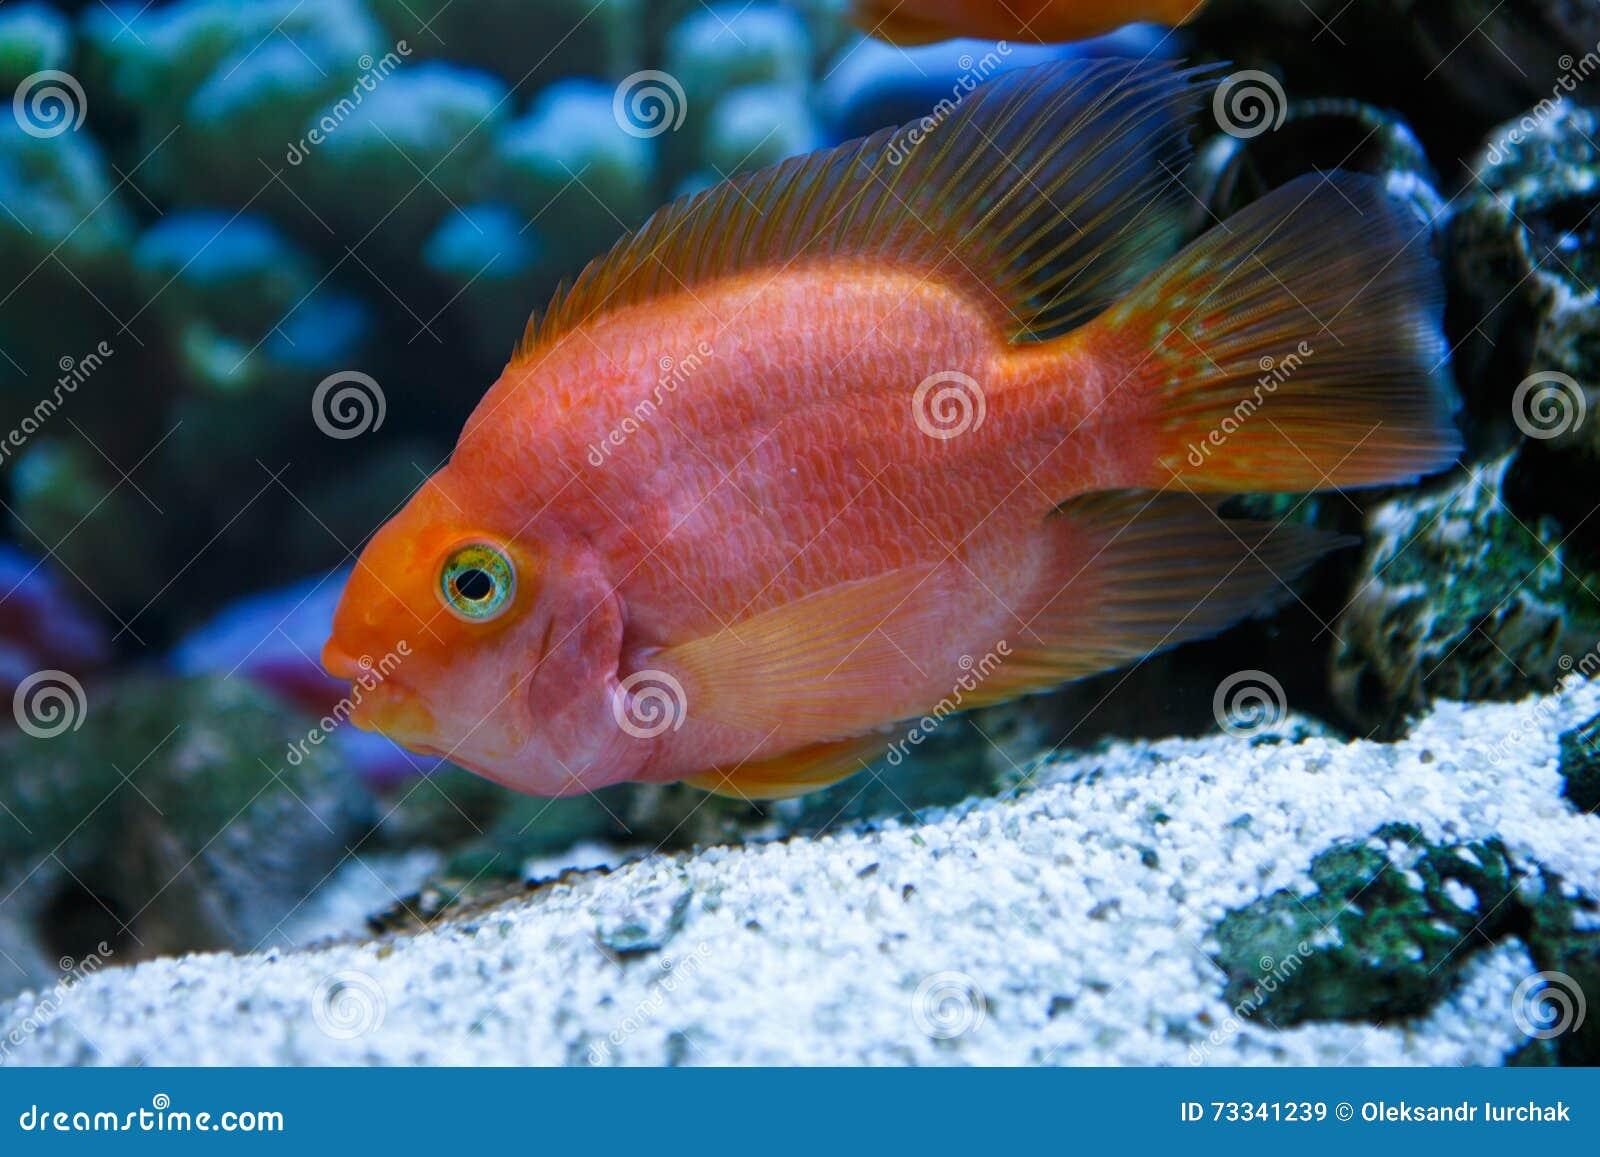 Aquarium Fish Red Parrot In A Profile Stock Image - Image of close ...